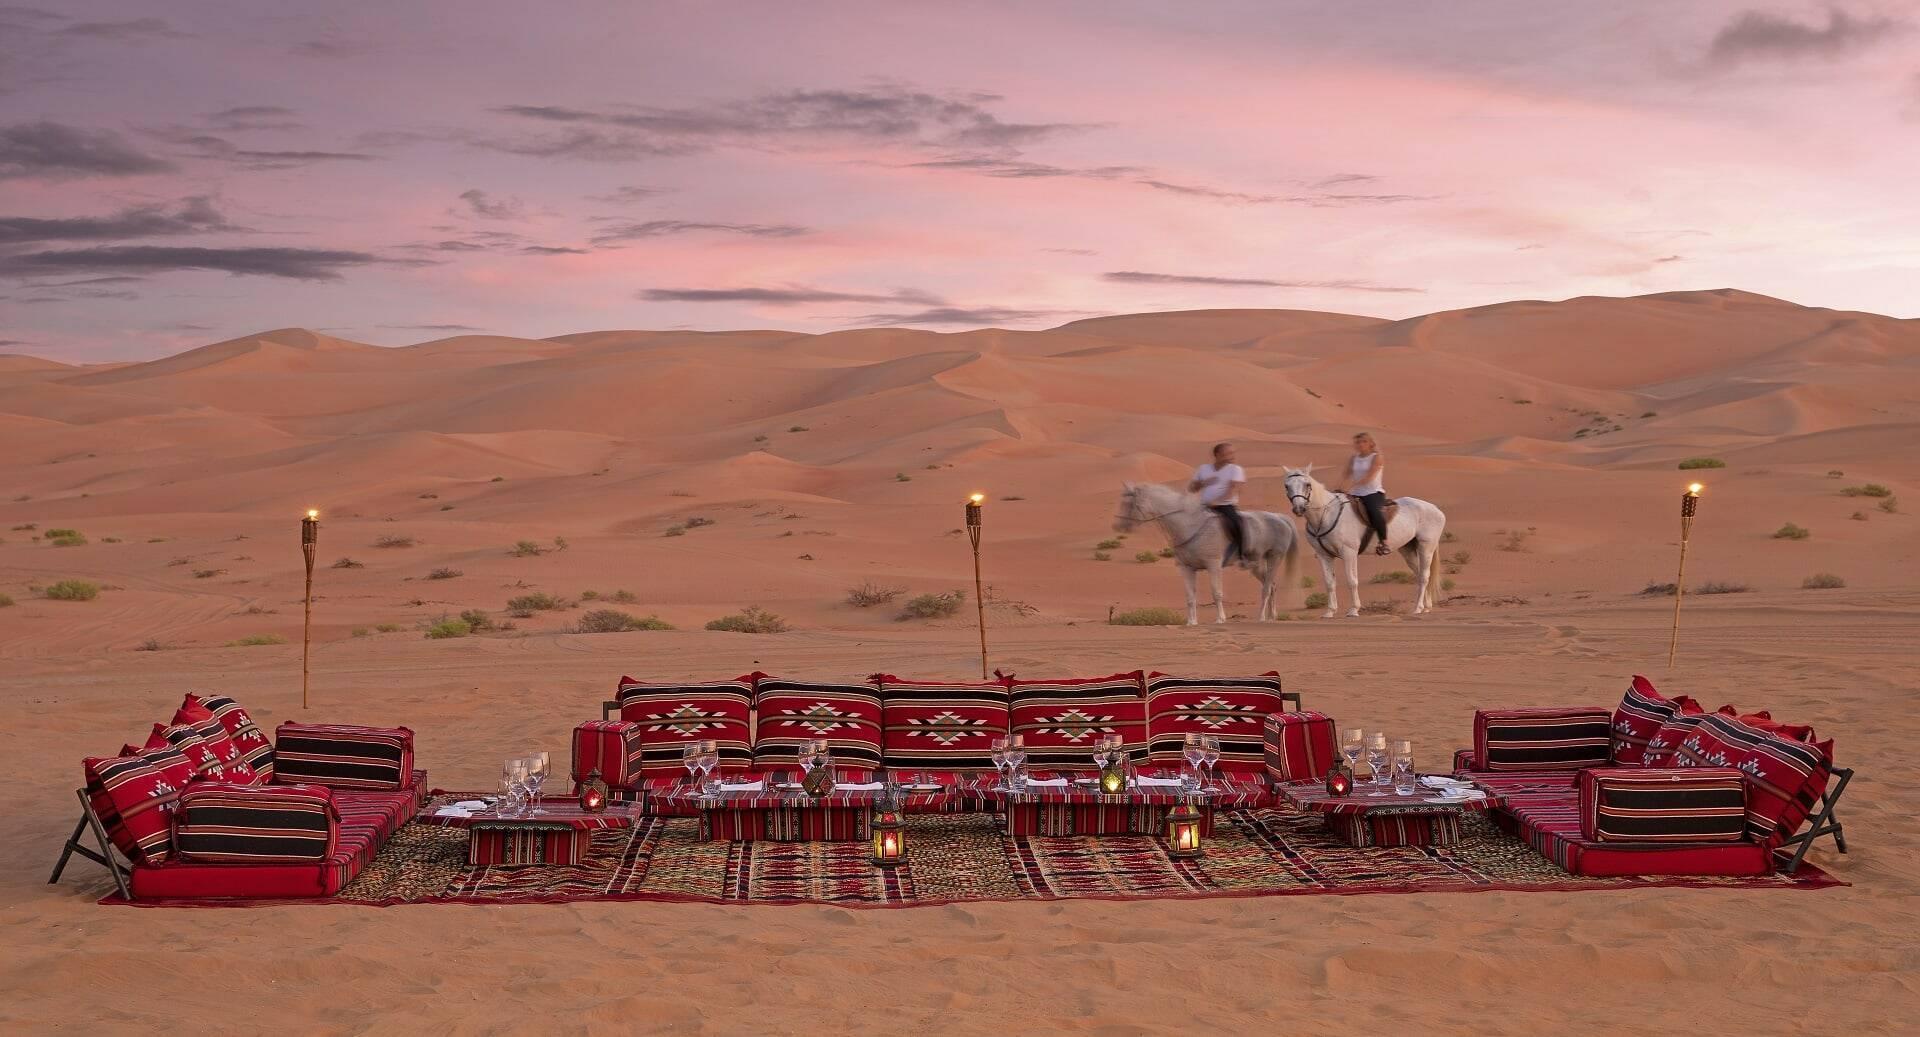 Abu Dhabi Anantara Qasr al Sarab Desert camp horses